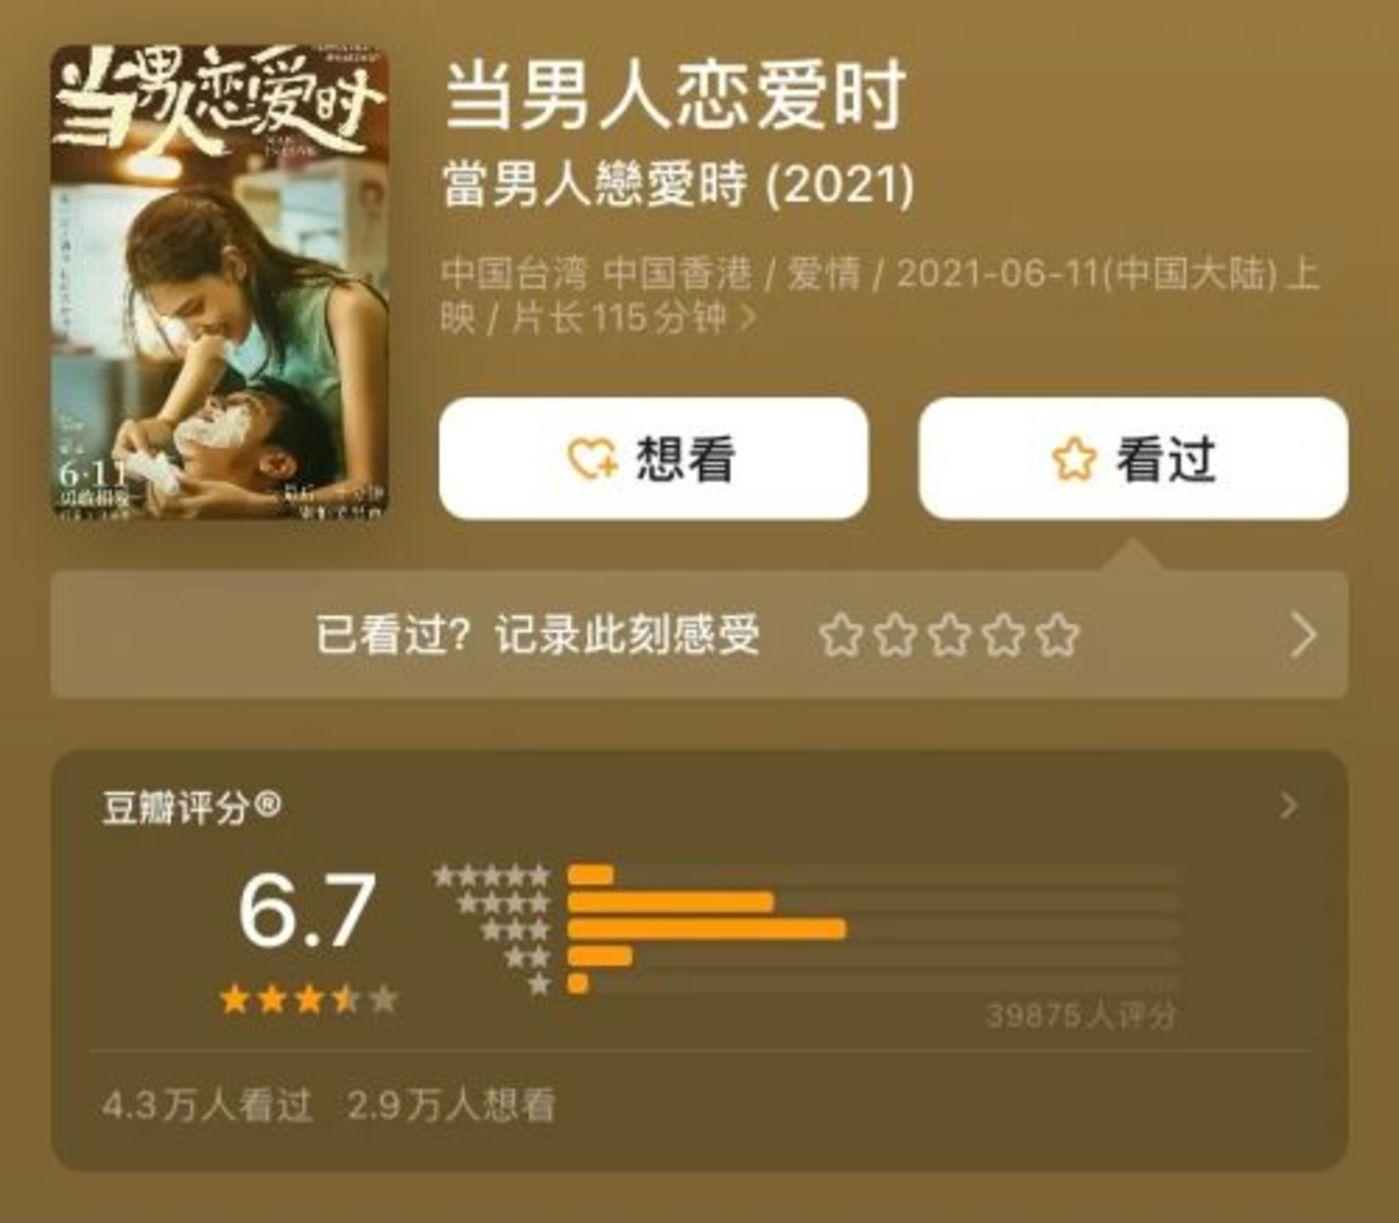 《当男人恋爱时》目前在豆瓣评分为6.7